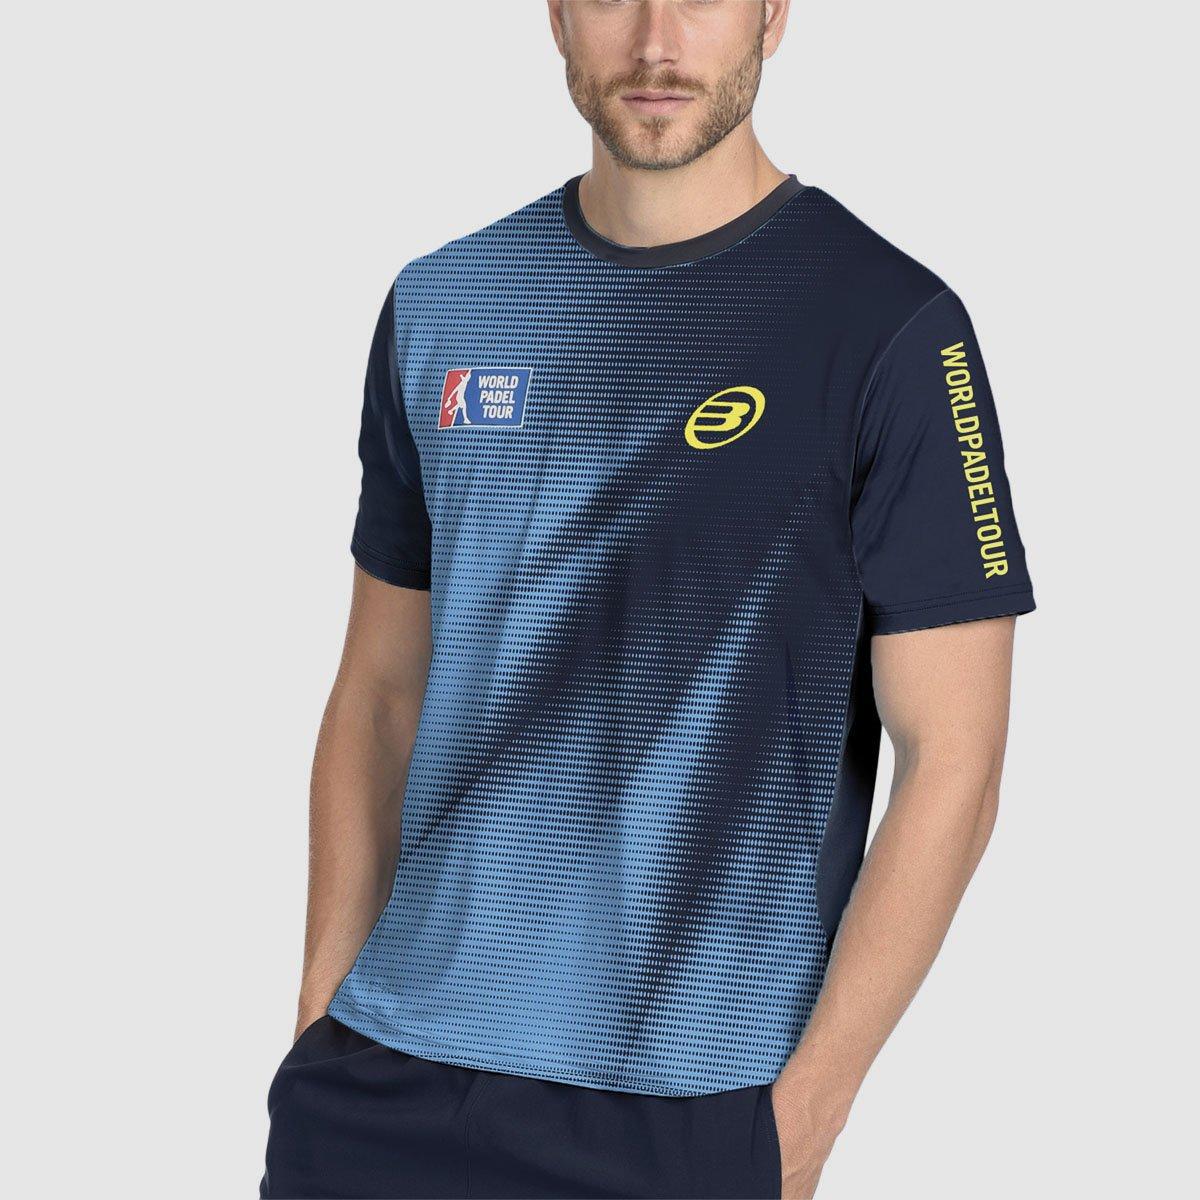 Bull padel Zambe Camiseta, Hombre: Amazon.es: Ropa y accesorios